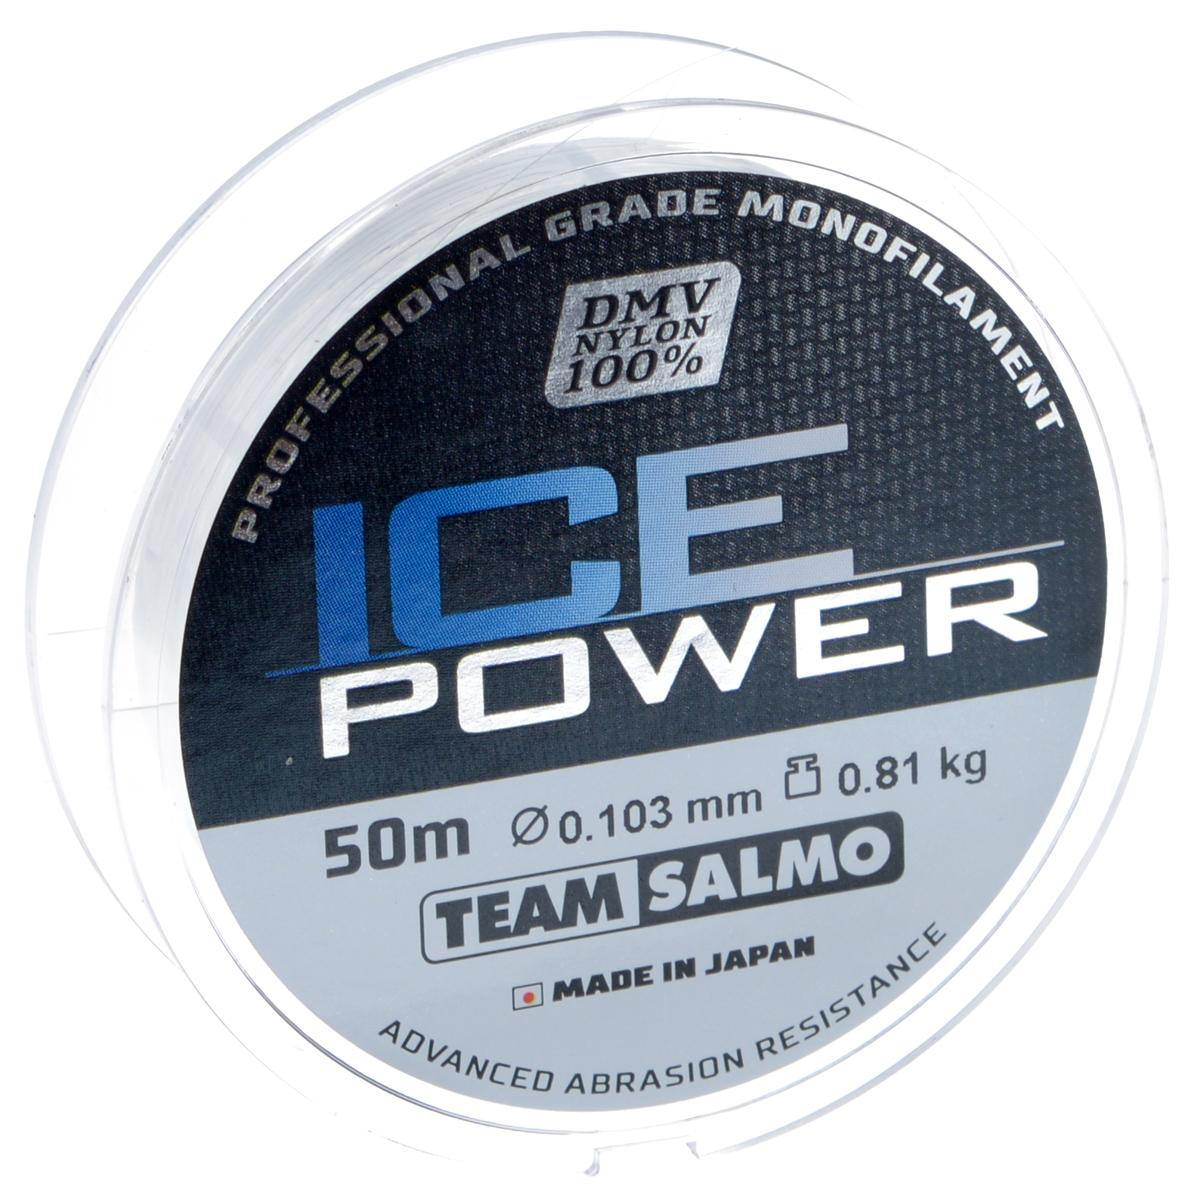 Леска монофильная Team Salmo Ice Power, сечение 0,103 мм, длина 50 мLJ4102-019Team Salmo Ice Power - это леска последнего поколения, идеально калиброванная по всей длине, с точностью, определяемой до третьего знака. Материал, из которого изготовлена леска, обладает повышенной абразивной устойчивостью и не взаимодействует с водой, поэтому на морозе не теряет своих физических свойств, что значительно увеличивает срок ее службы. У лески отсутствует память, поэтому в процессе эксплуатации она не деформируется. Низкий коэффициент растяжимости делает леску максимально чувствительной, при этом она практически незаметна для рыбы. Леска производится использованием самого высококачественного сырья и новейших технологий.